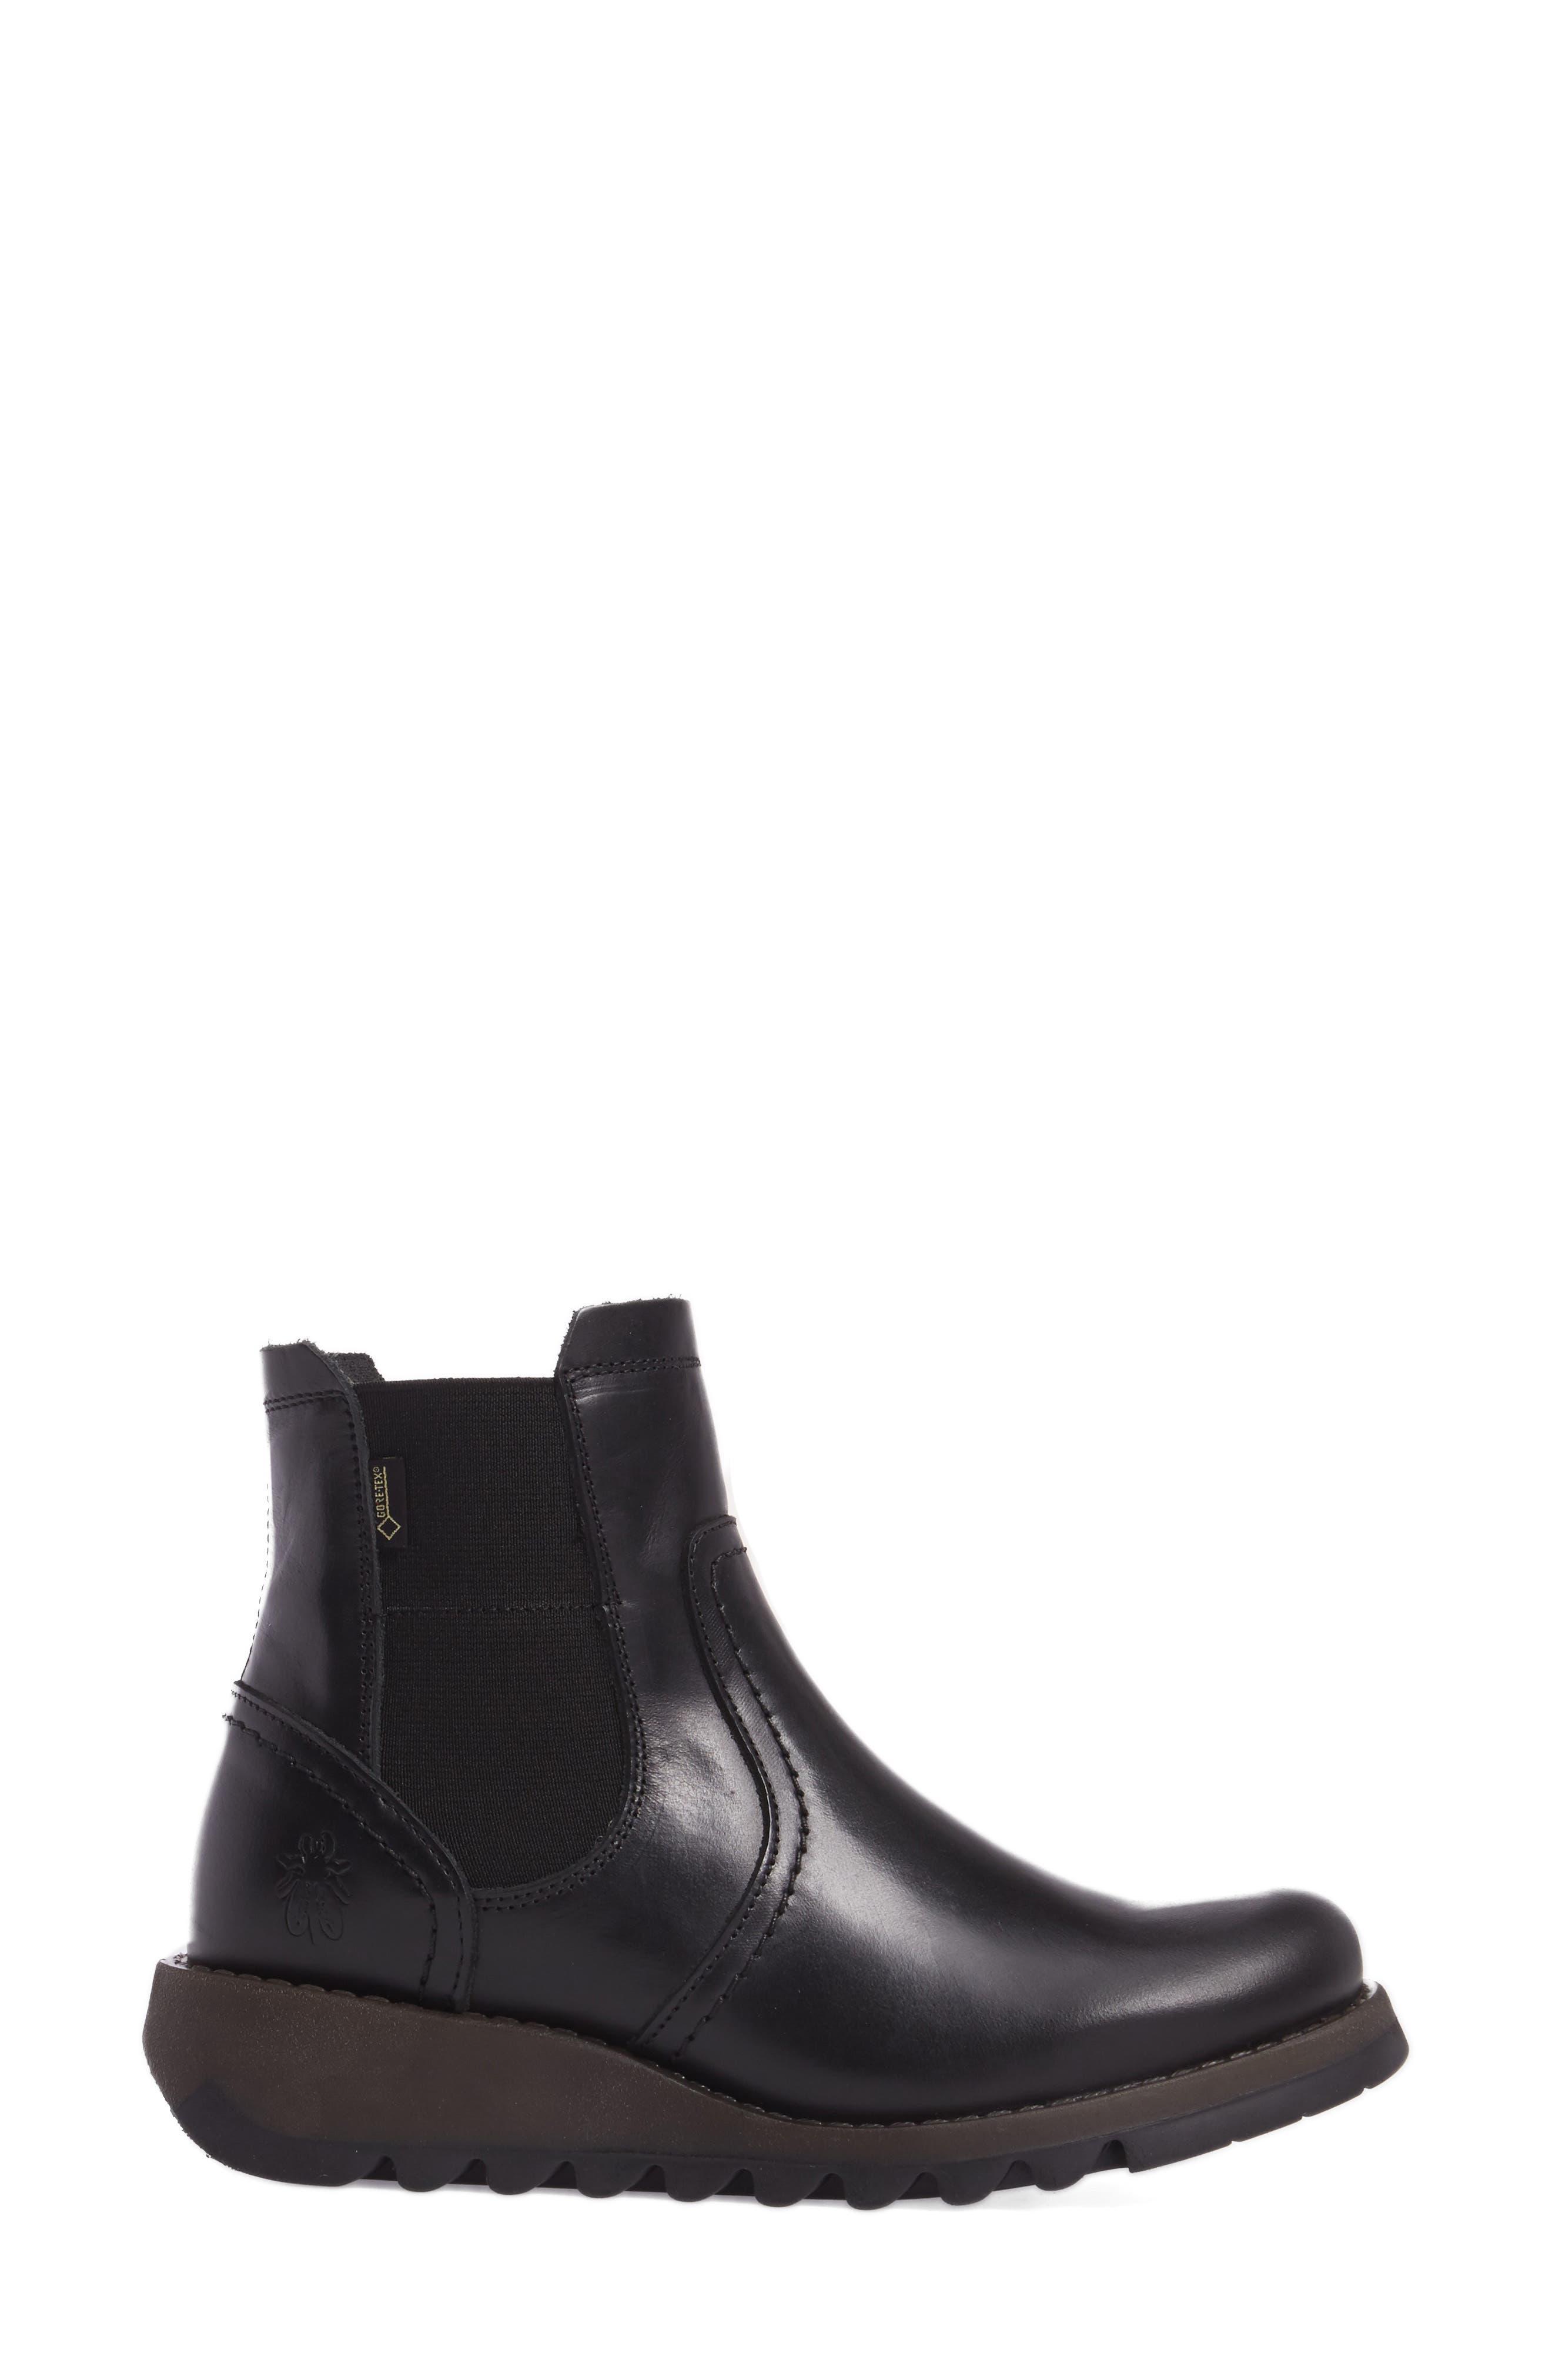 Alternate Image 2  - Fly London Scon Waterproof Gore-Tex® Chelsea Boot (Women)